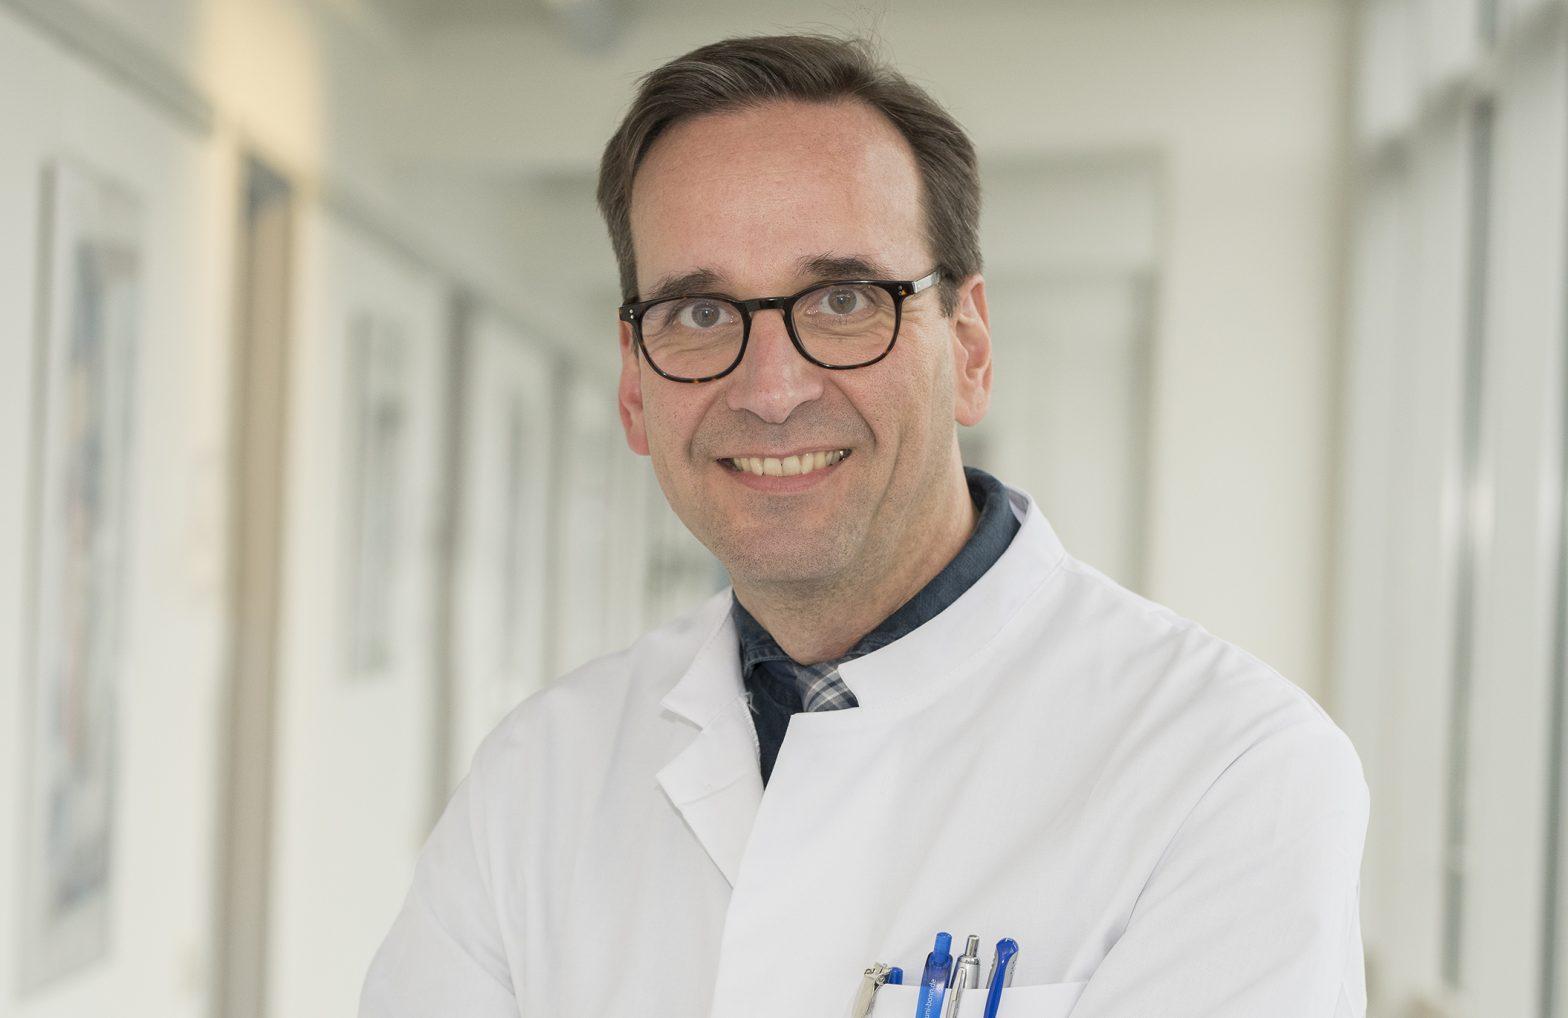 Prof. Hendrik Treede ist neuer Direktor der Herzchirurgie am Universitätsklinikum Bonn